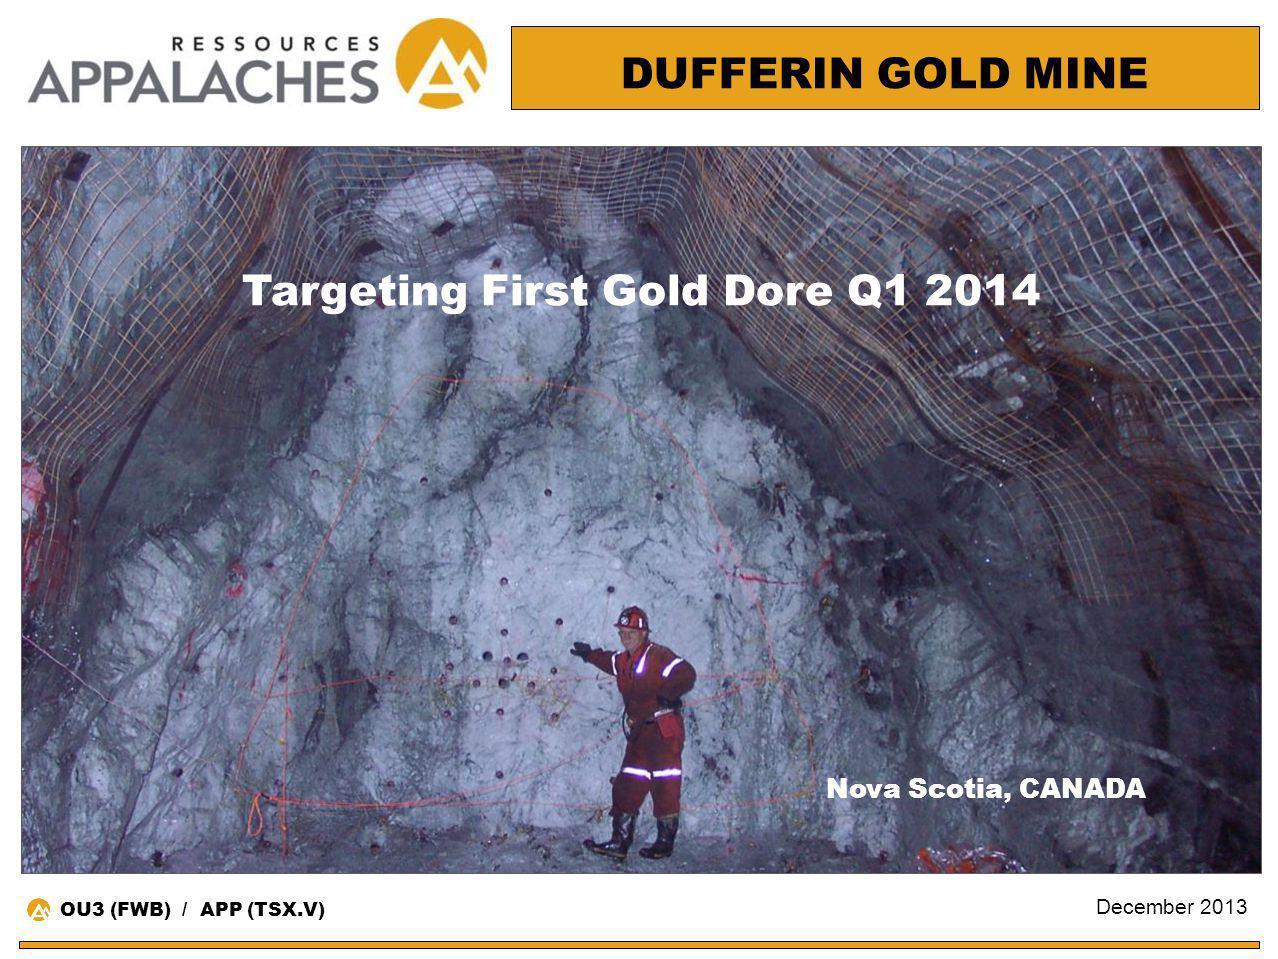 Nova Scotia, CANADA DUFFERIN GOLD MINE Targeting First Gold Dore Q1 2014 OU3 (FWB) / APP (TSX.V) December 2013